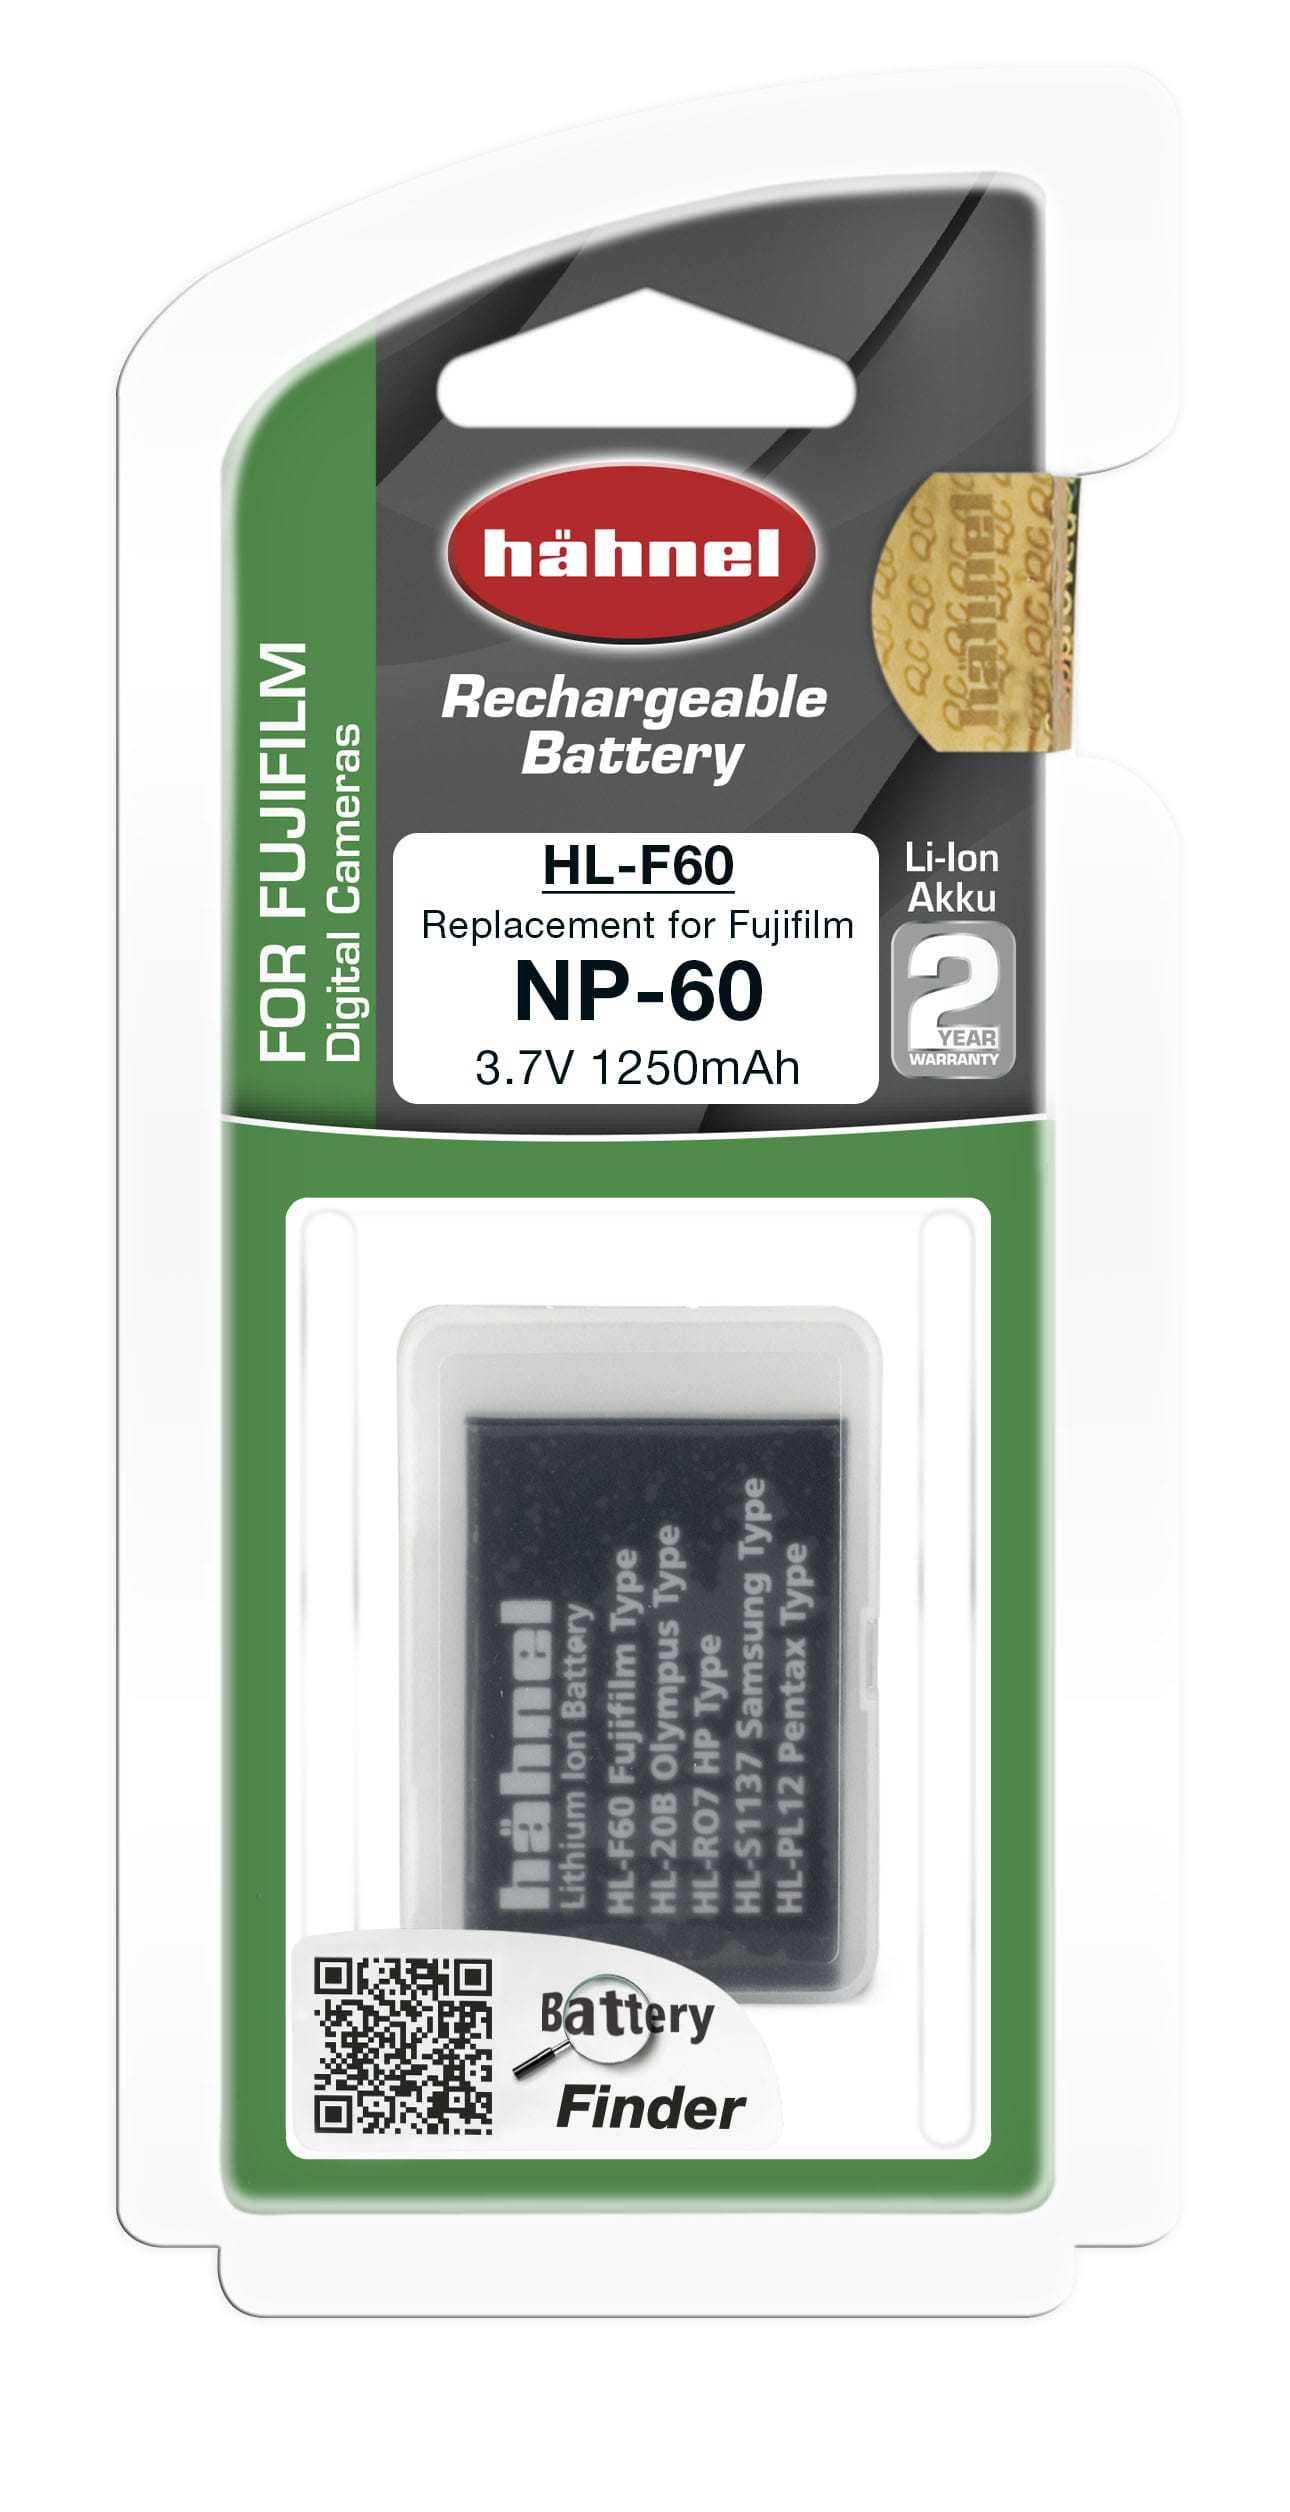 סוללה נטענת חליפית לפוג'י NP-60